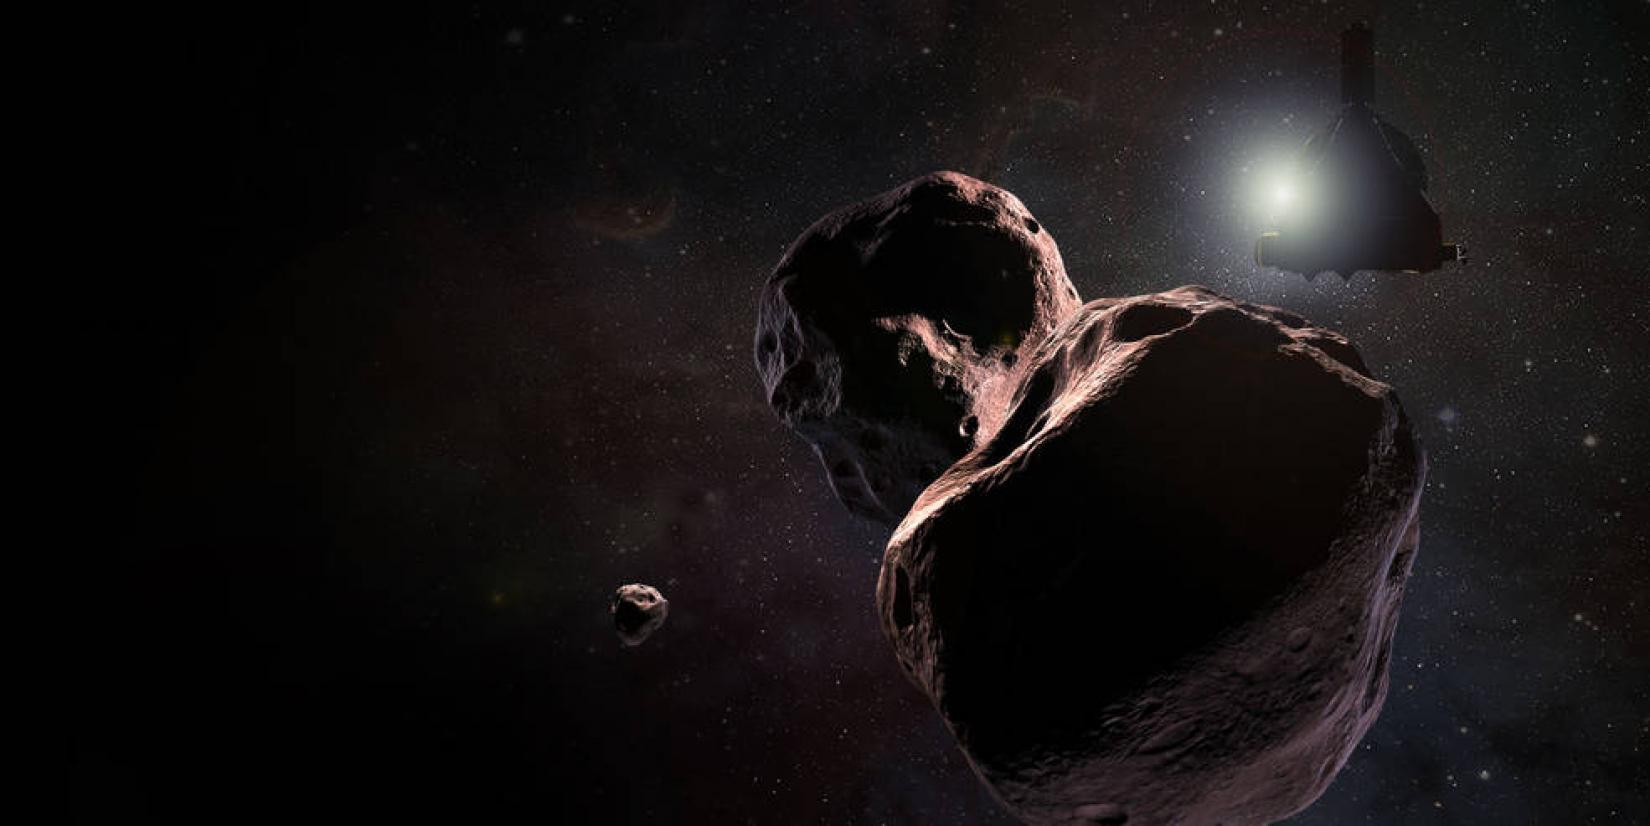 New Horizons approaches MU69